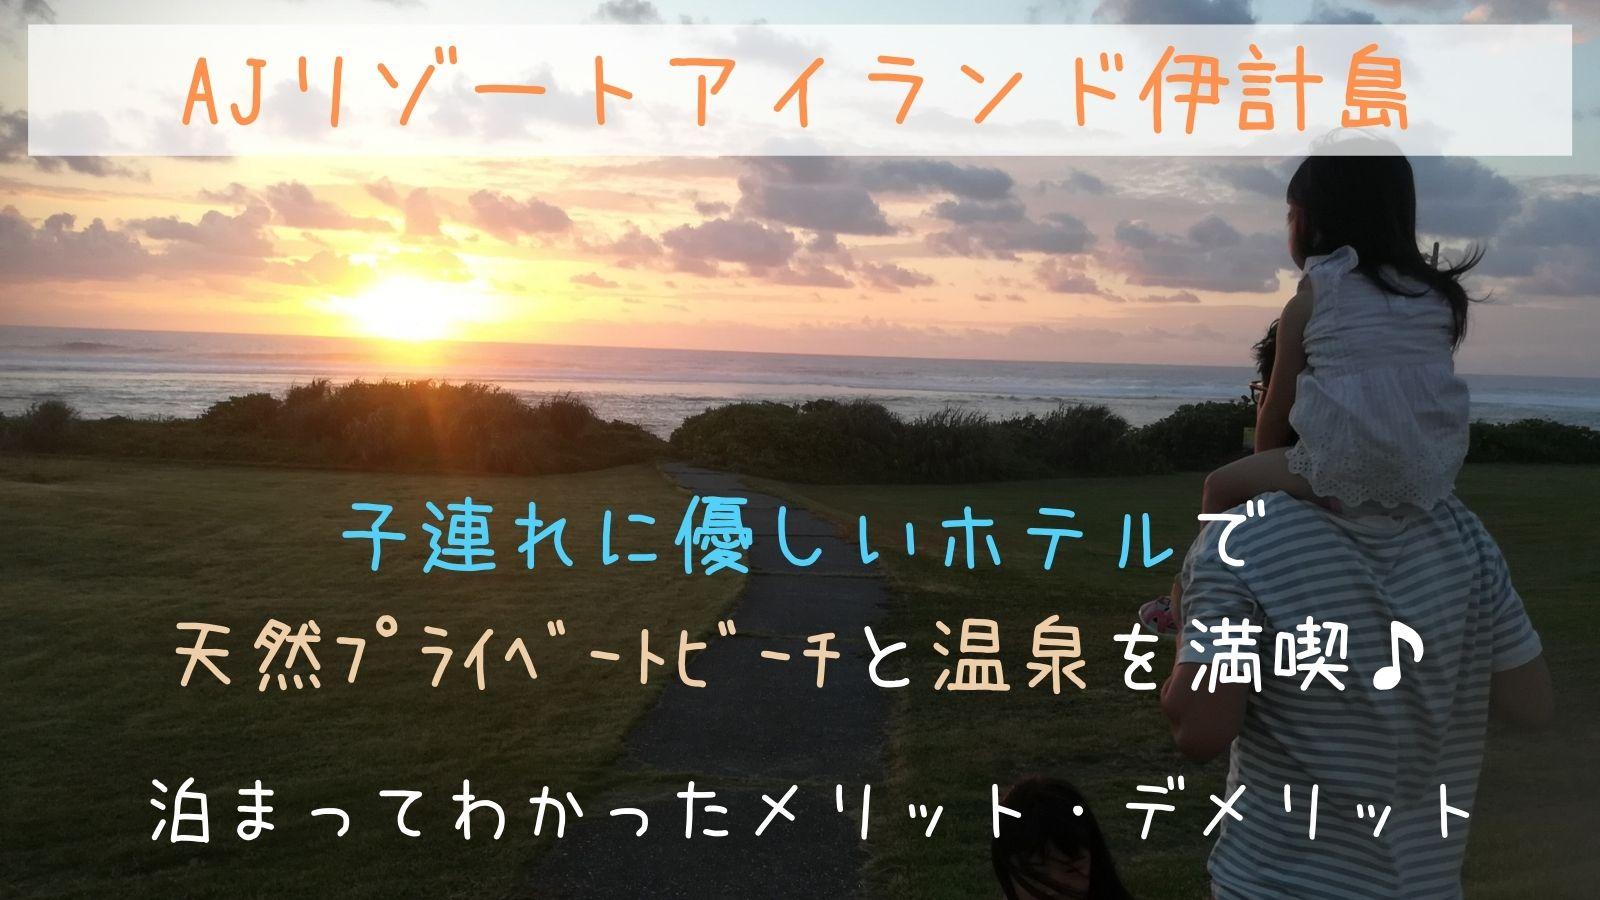 AJリゾートアイランド伊計島子連れに優しいホテルで天然プライベートビーチと温泉を満喫♪泊まってわかったメリット・デメリット子出かけ子連れ沖縄5歳2歳子連れで泊まってよかったホテル